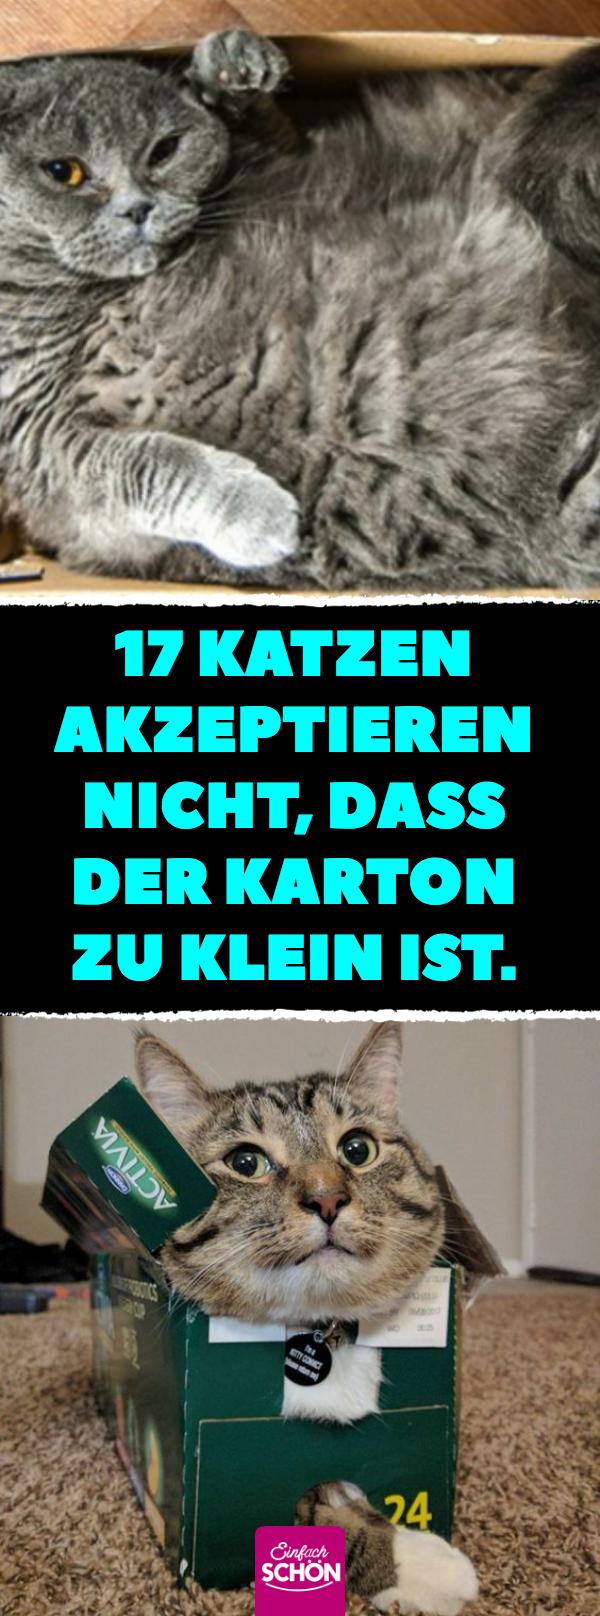 17 Katzen akzeptieren nicht, dass der Karton zu klein ist. #katzen #kartons # box #katzengeburtstag